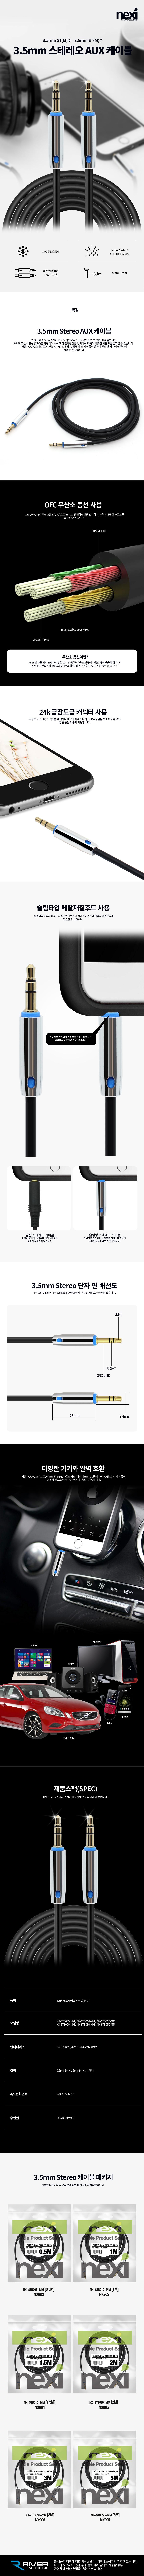 리버네트워크 NEXI 3.5mm 스테레오 AUX 케이블(5m, NX907)